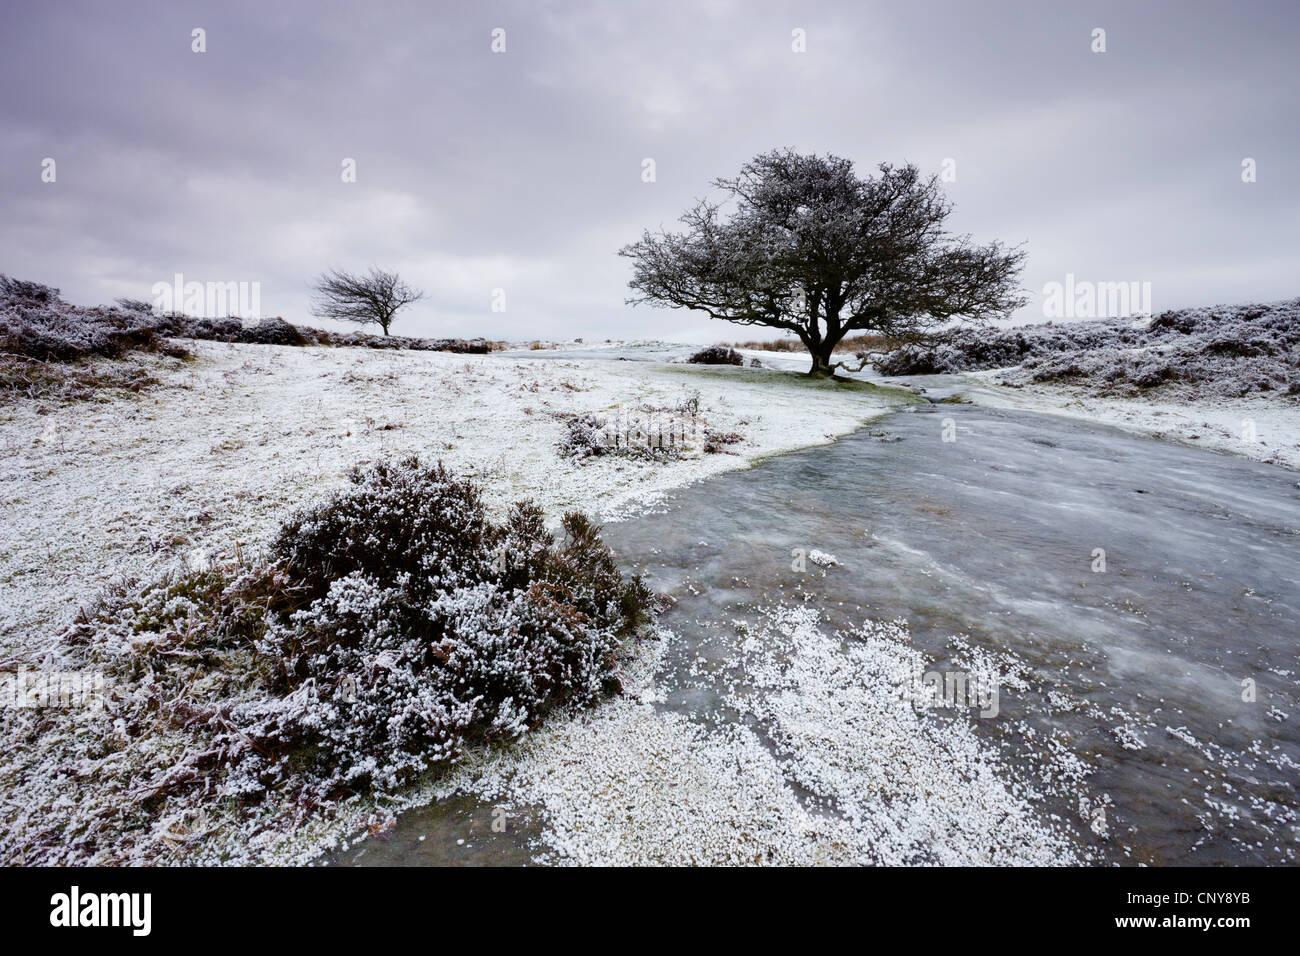 Schnee und Eis auf Porlock häufig in Winter, Exmoor National Park, Somerset, England. Januar 2009 Stockbild